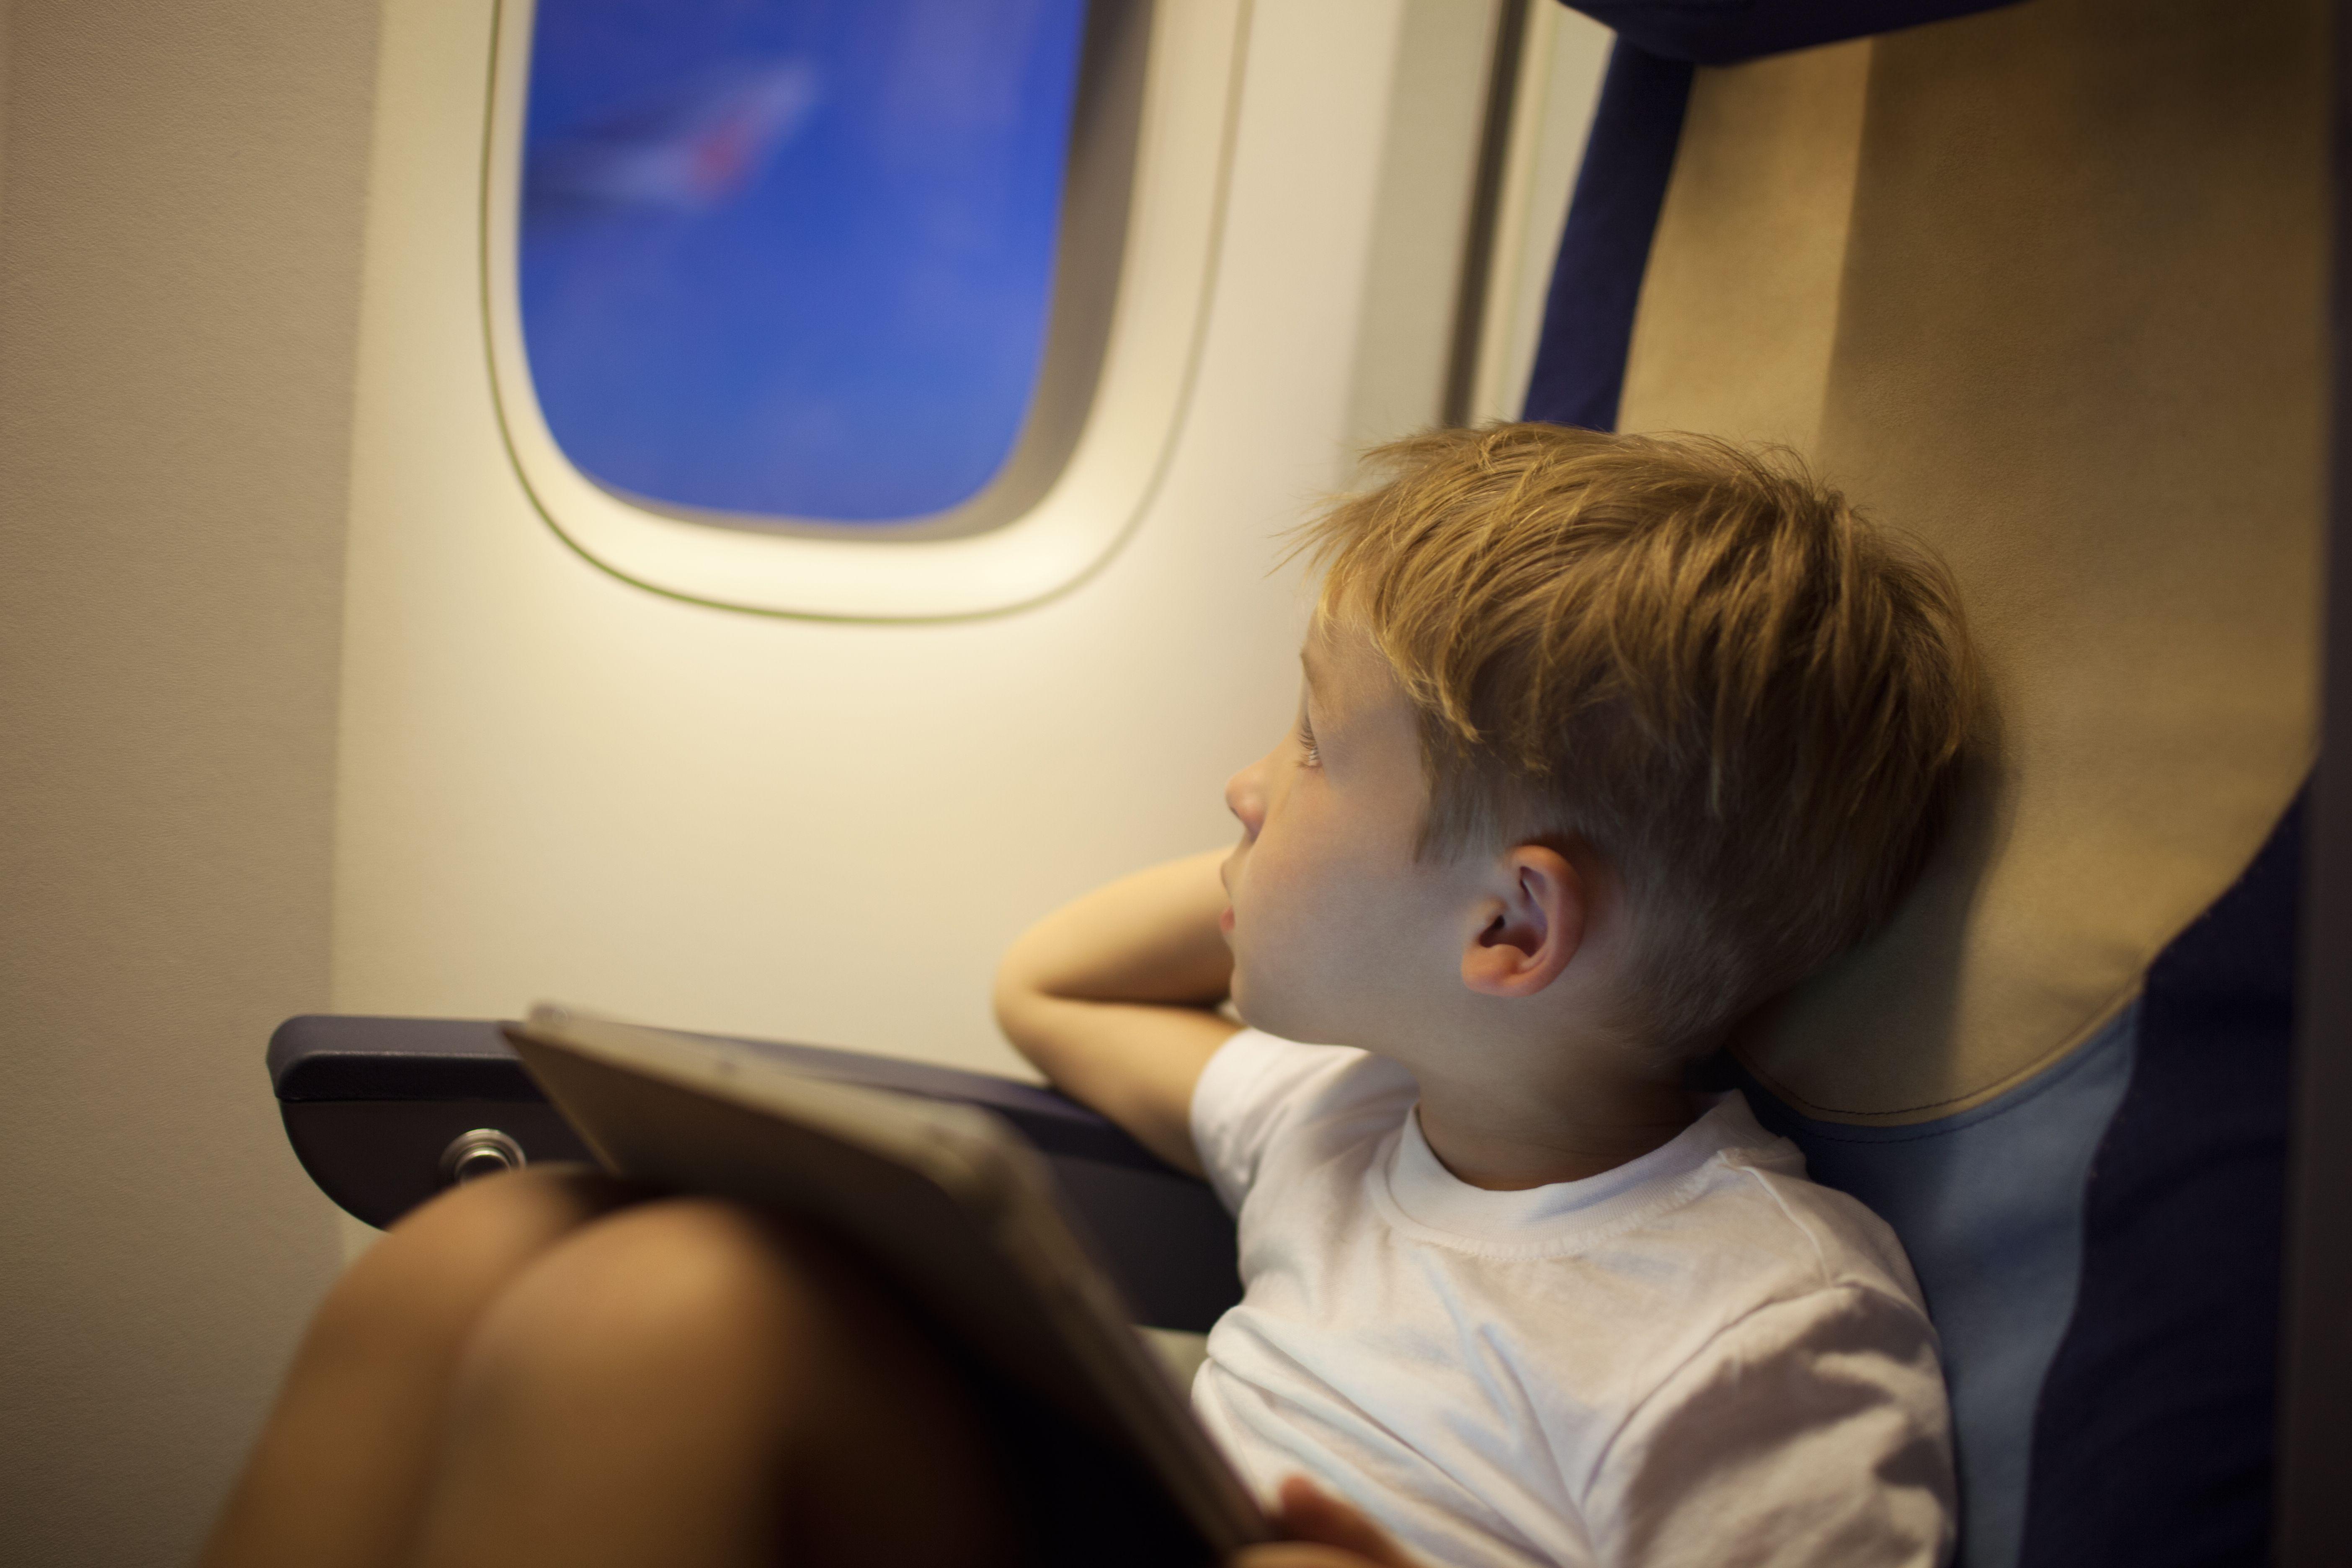 Cómo viajar en avión por primera vez: claves y consejos